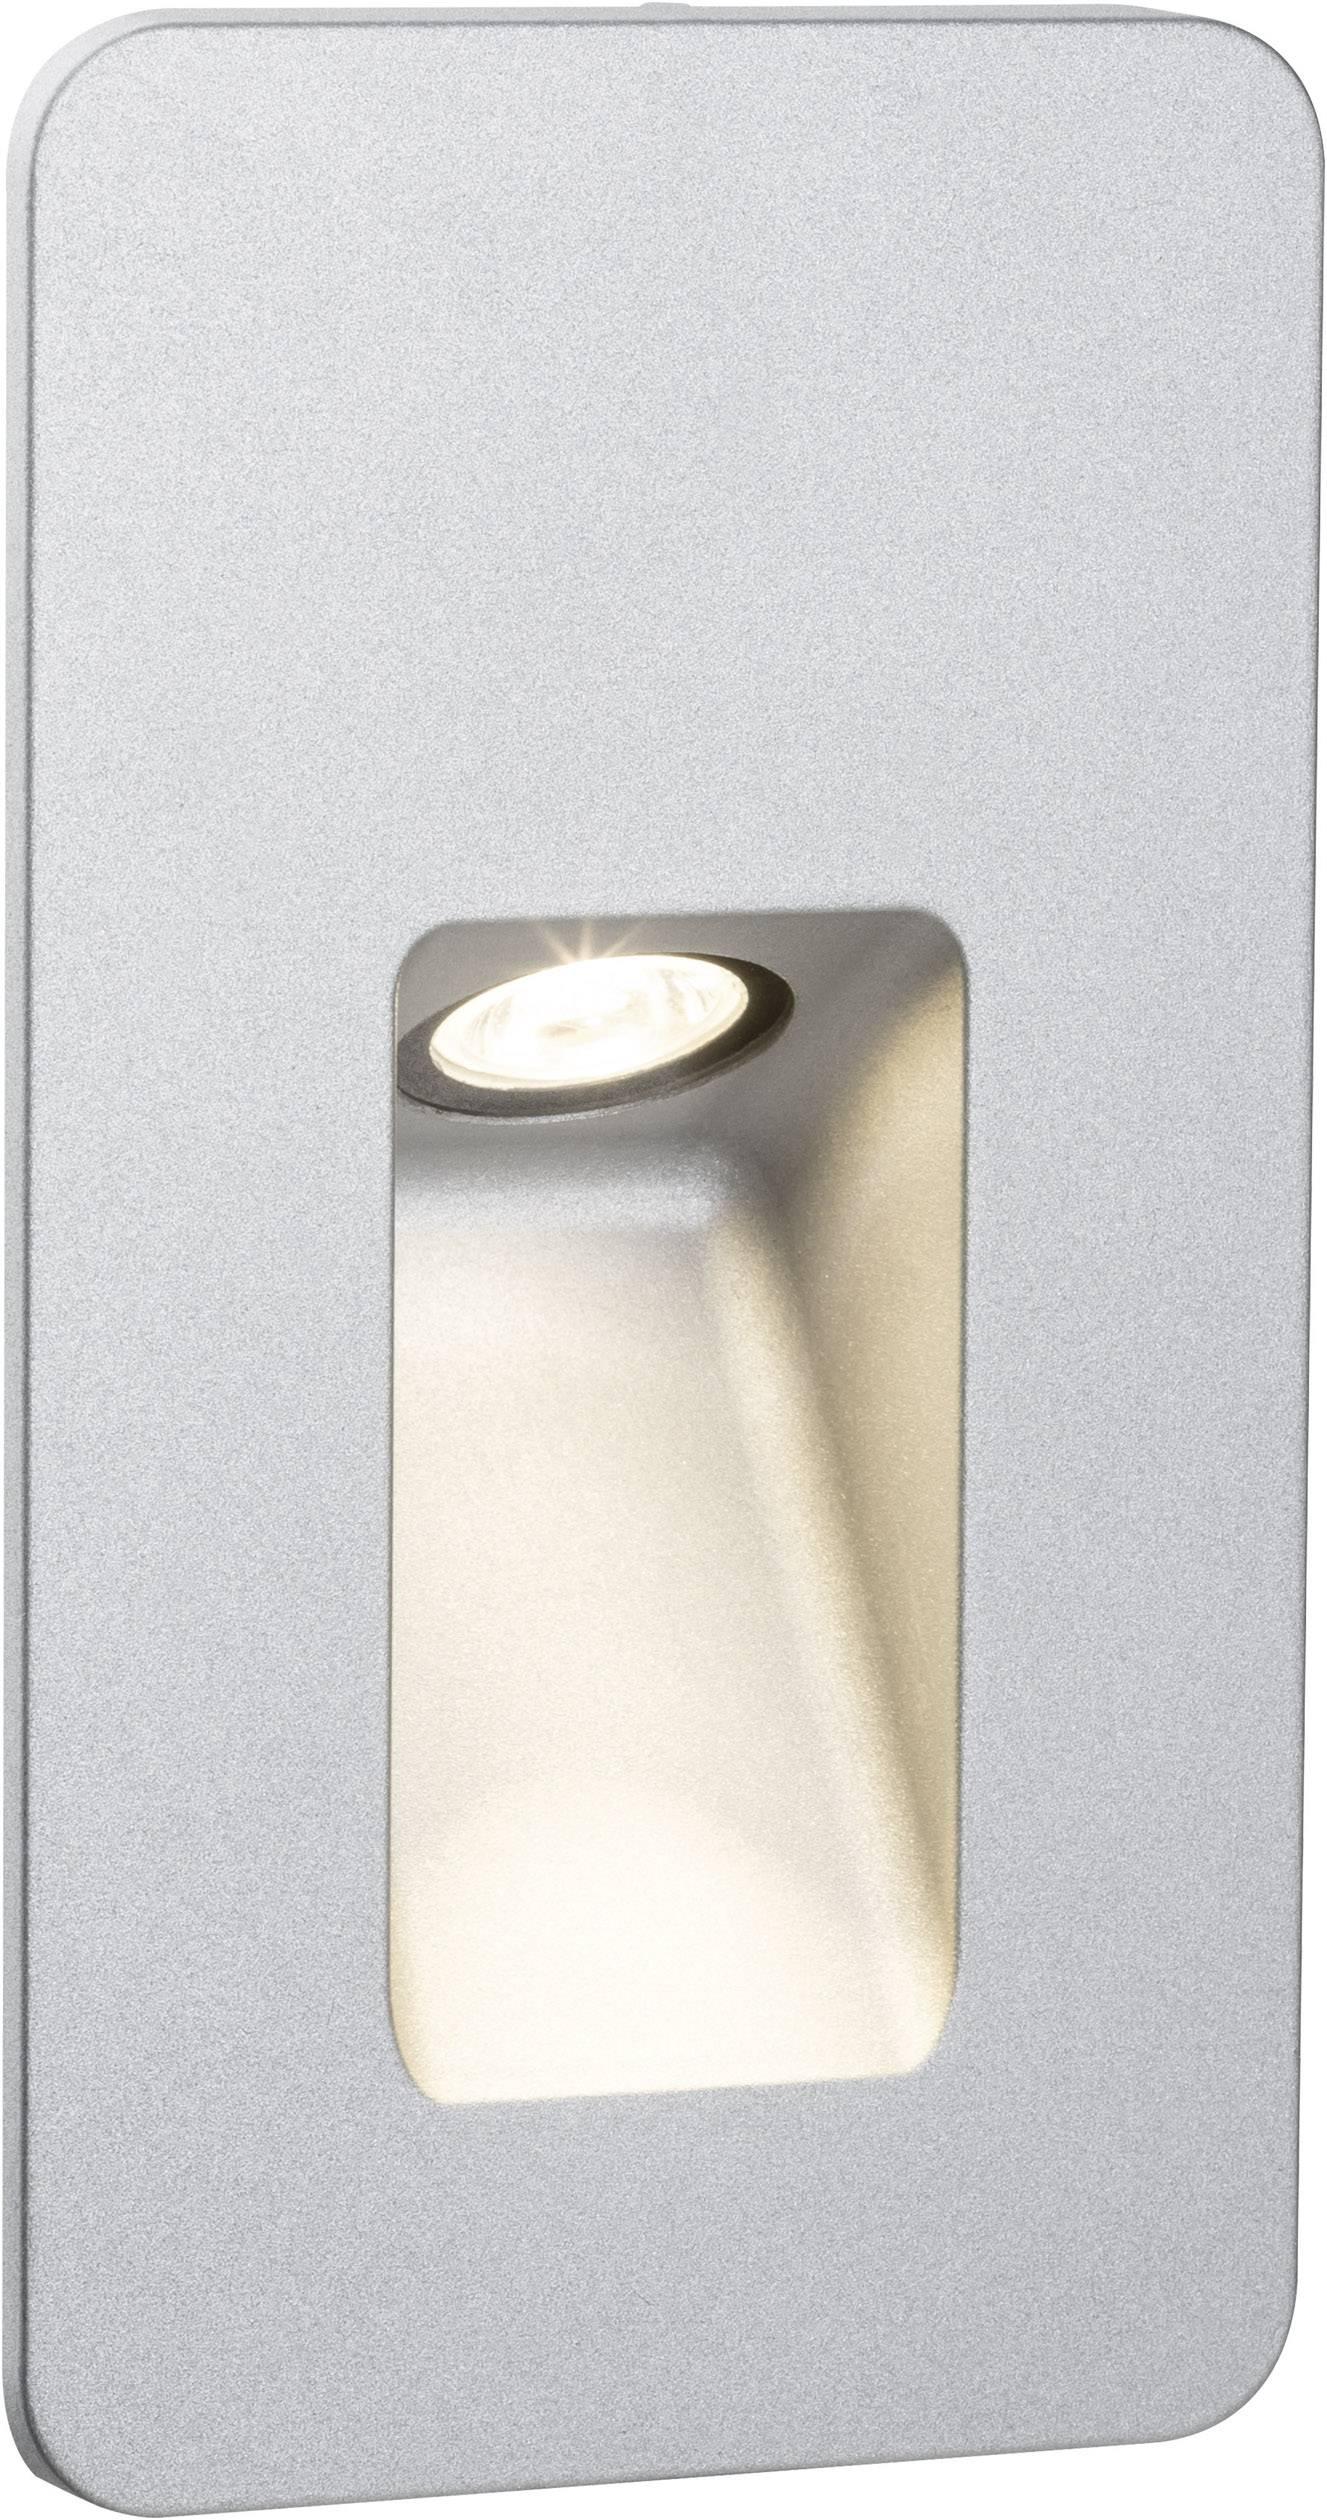 Vonkajšie vstavané LED osvetlenie 2.4 W Paulmann Slot 93826 hliník (matný)